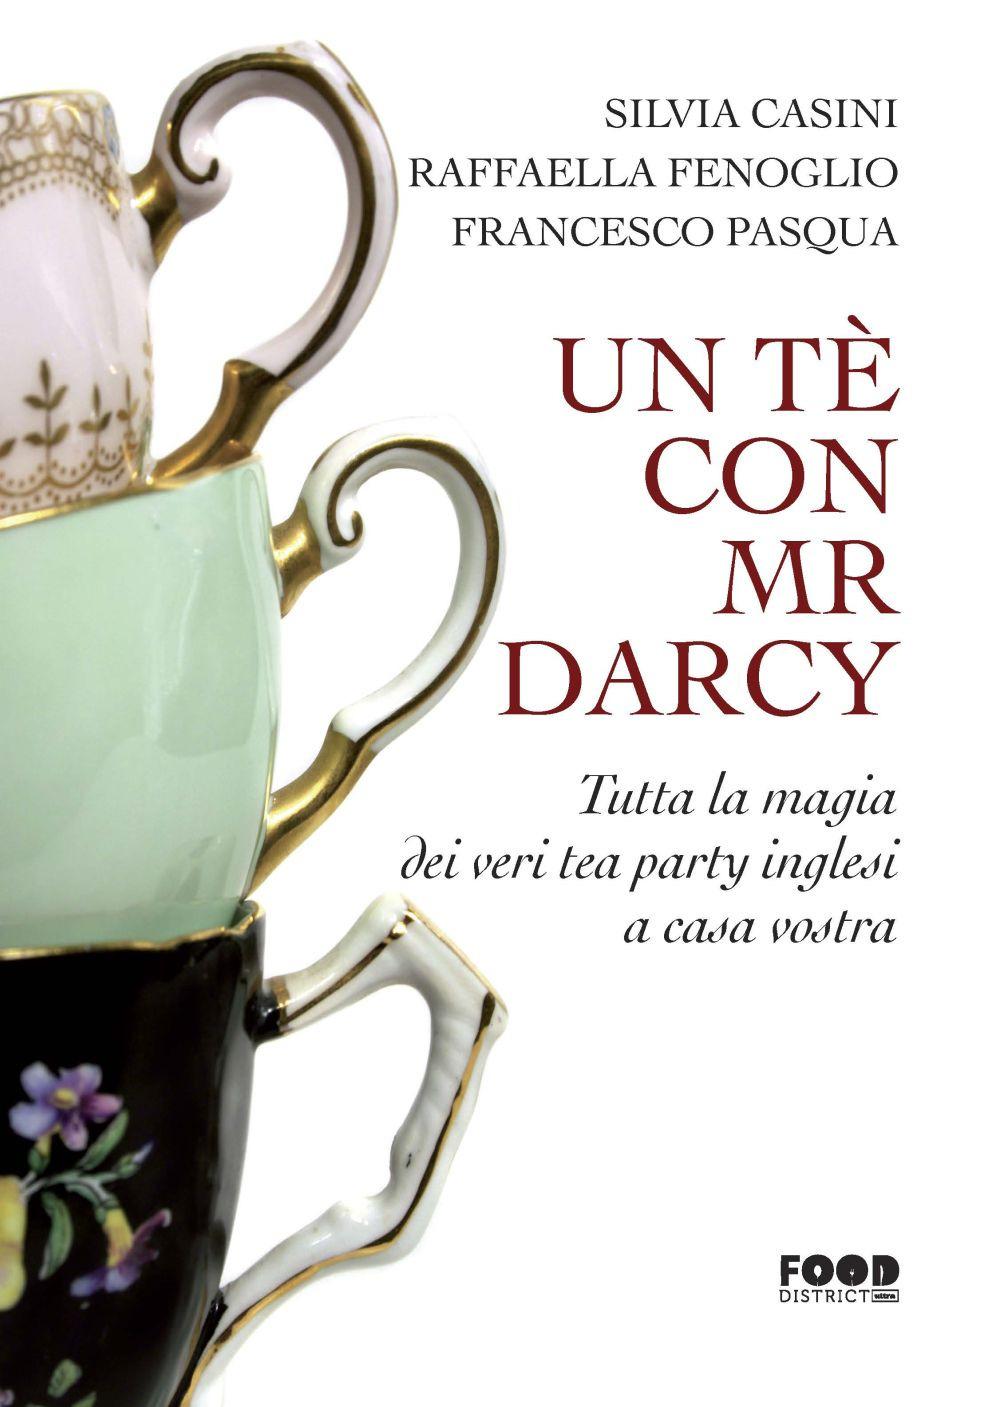 TÈ CON MR. DARCY. TUTTA LA MAGIA DEI VERI TEA PARTY INGLESI A CASA VOSTRA (UN) - Casini Silvia; Fenoglio Raffaella; Pasqua Francesco - 9788867769704